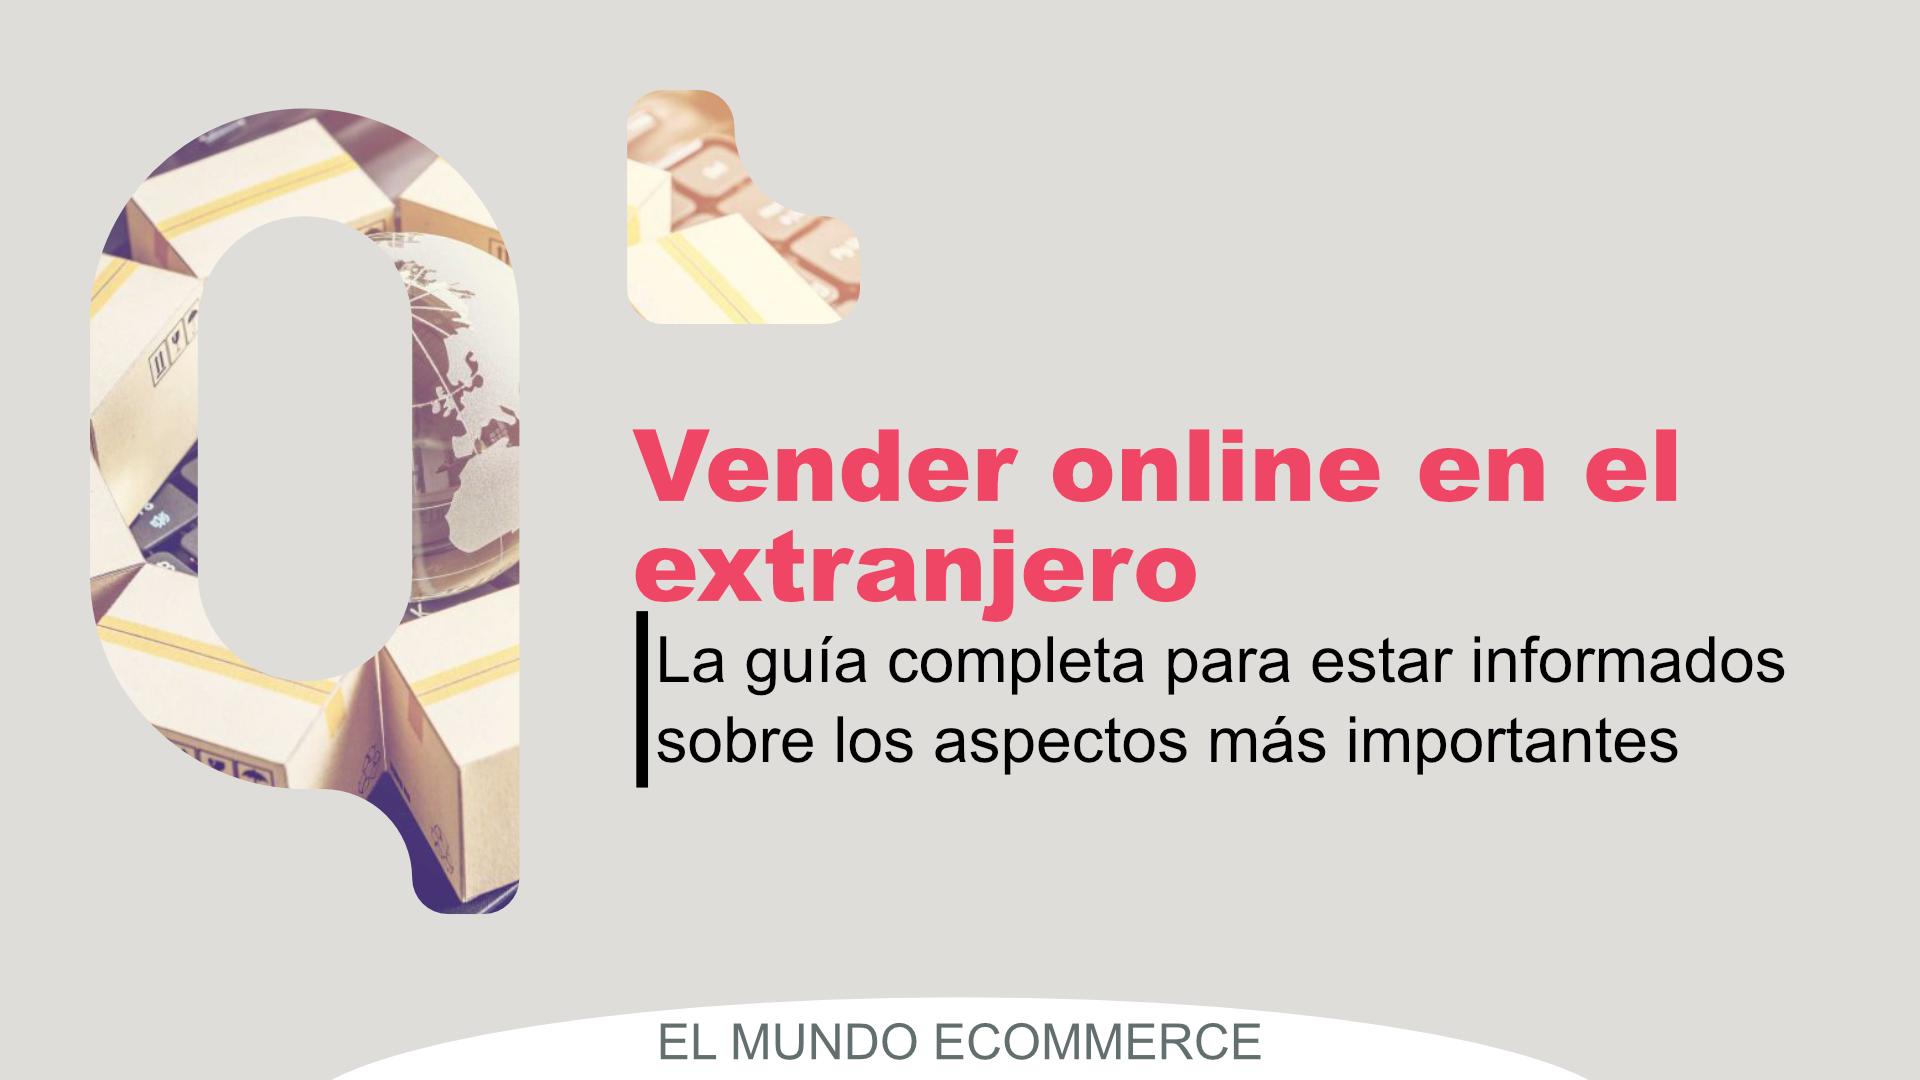 vender online en el extranjero